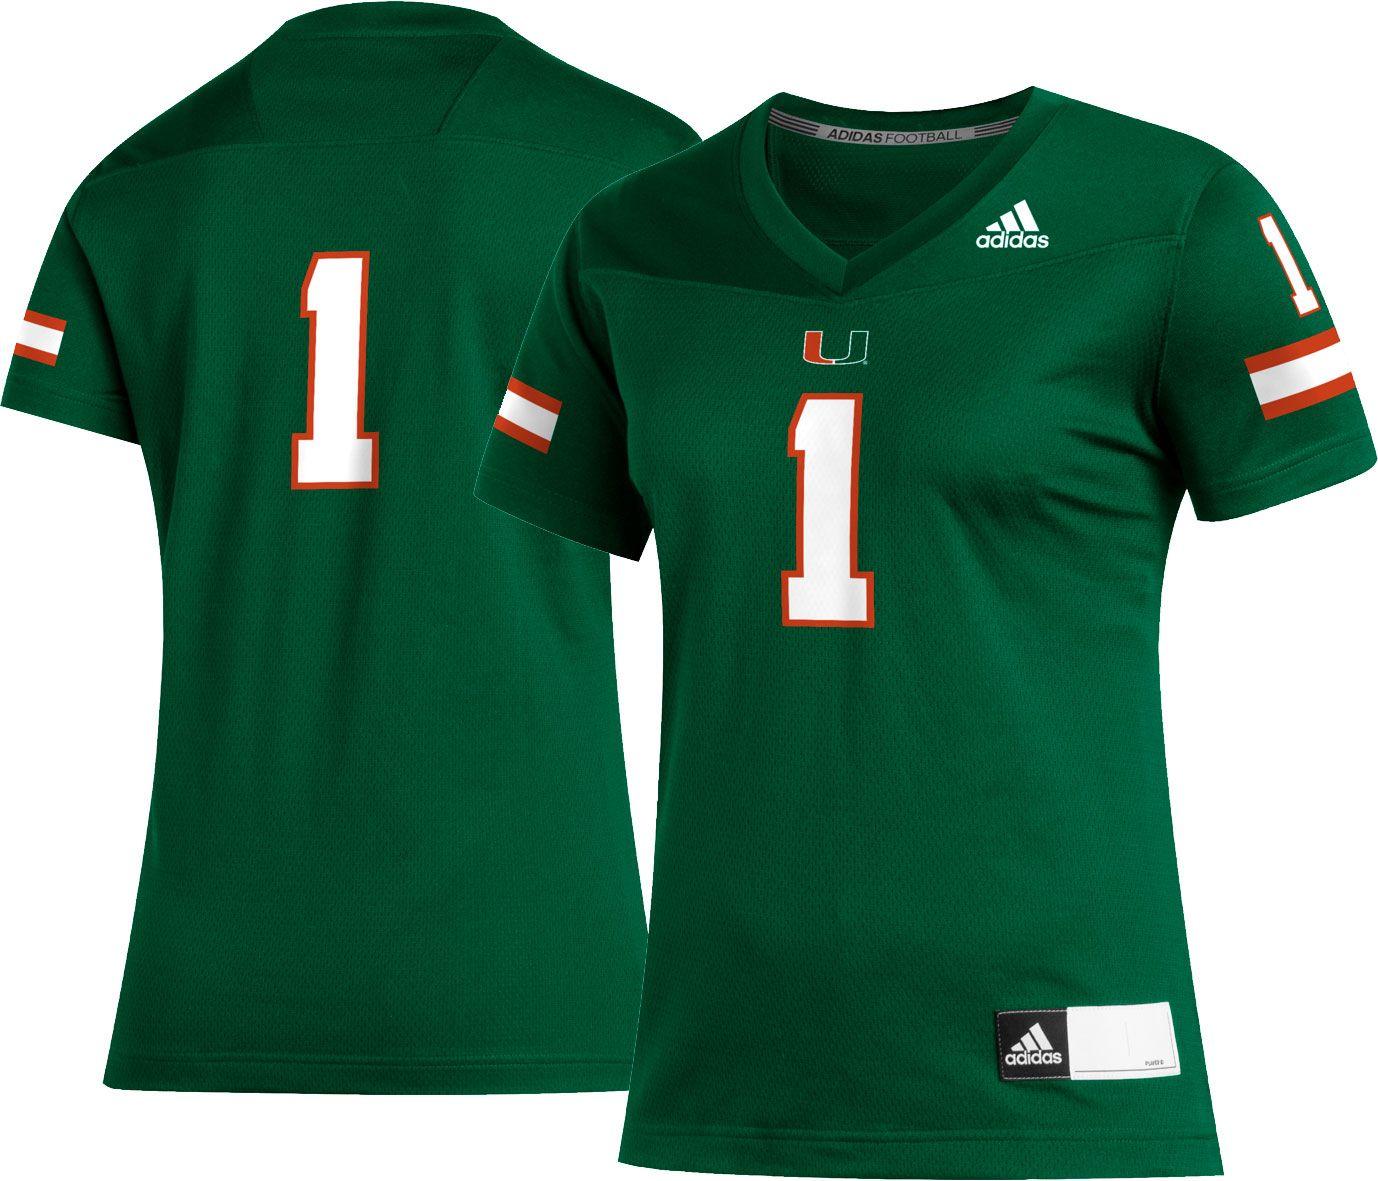 miami football jersey